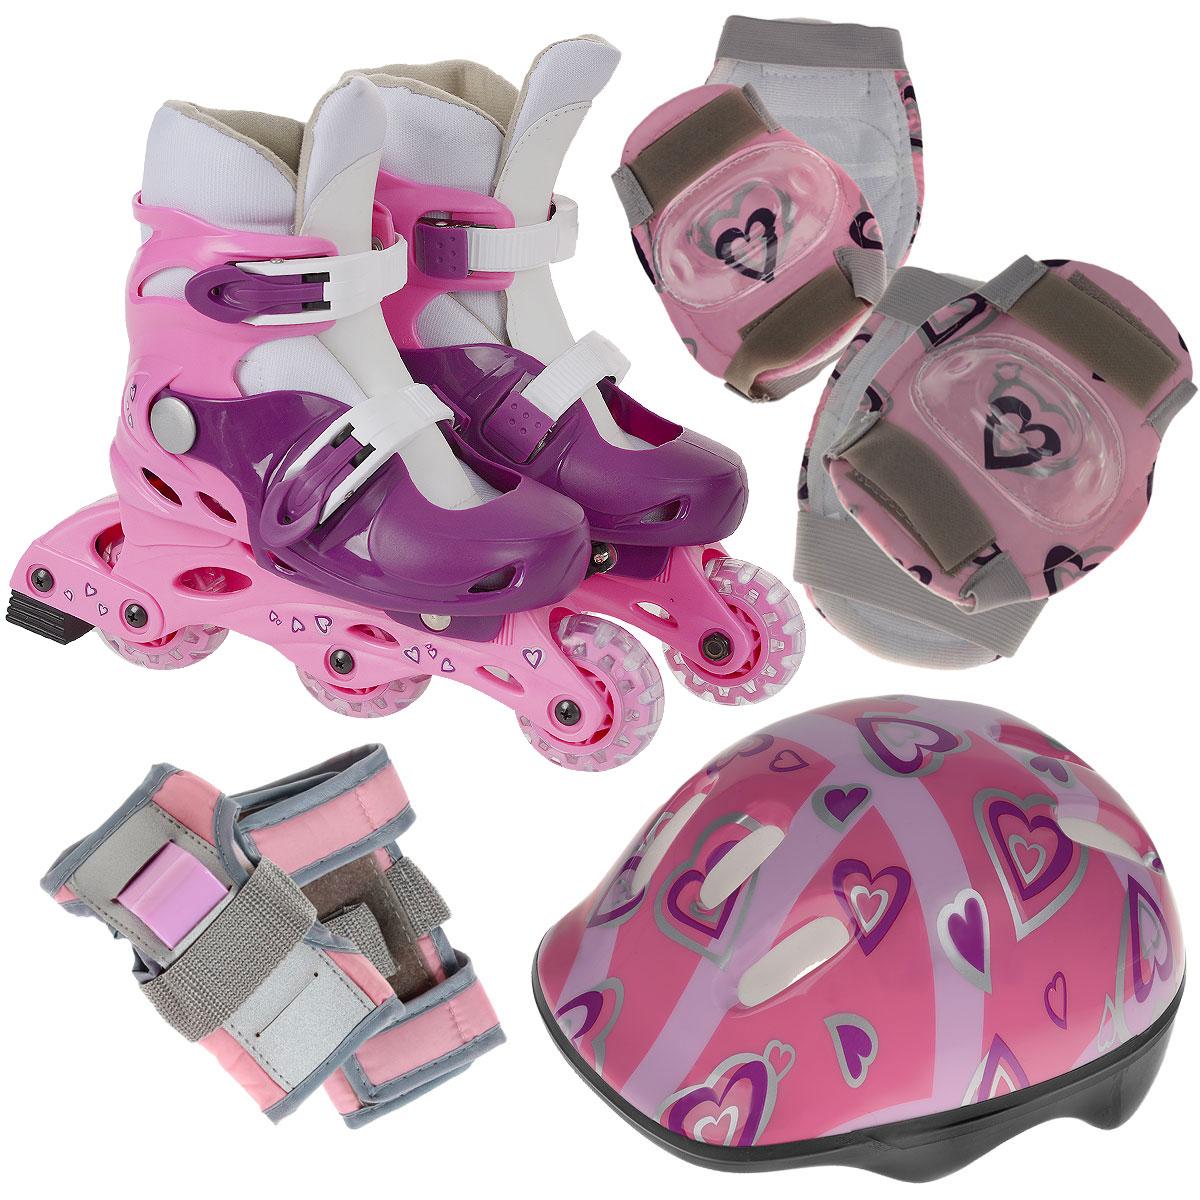 """Набор """"Action"""": коньки роликовые, защита, шлем, цвет: розовый. PW-120P. Размер 31/34"""